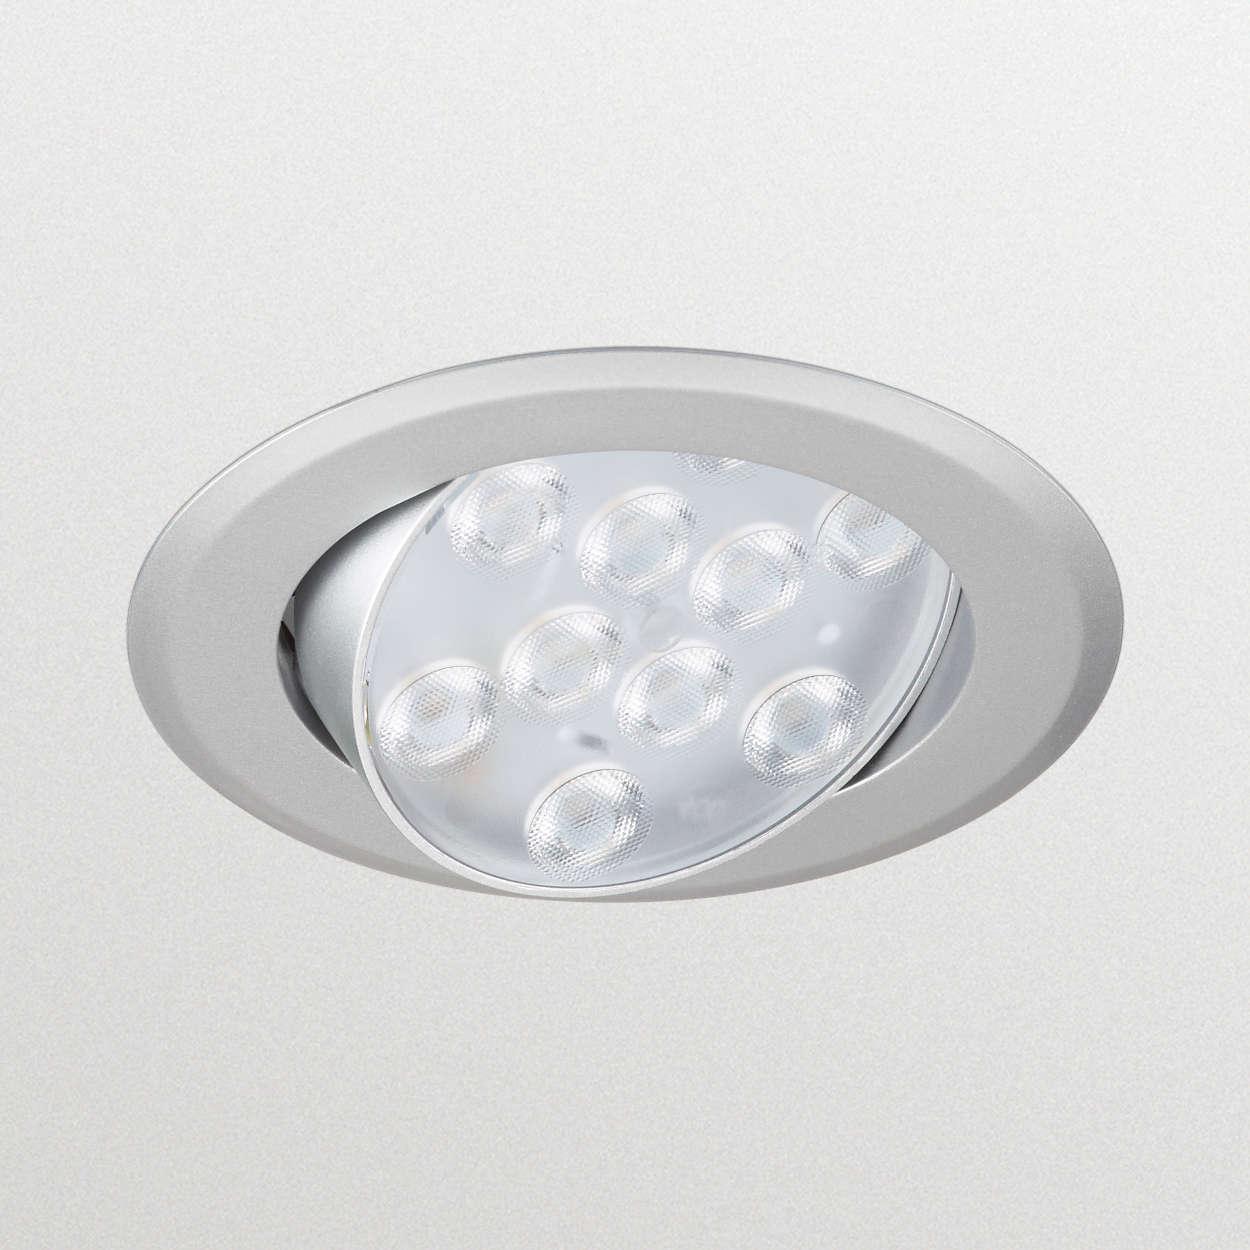 RS010 Einbaustrahler - der preisattraktive Einstieg in die LED-Welt